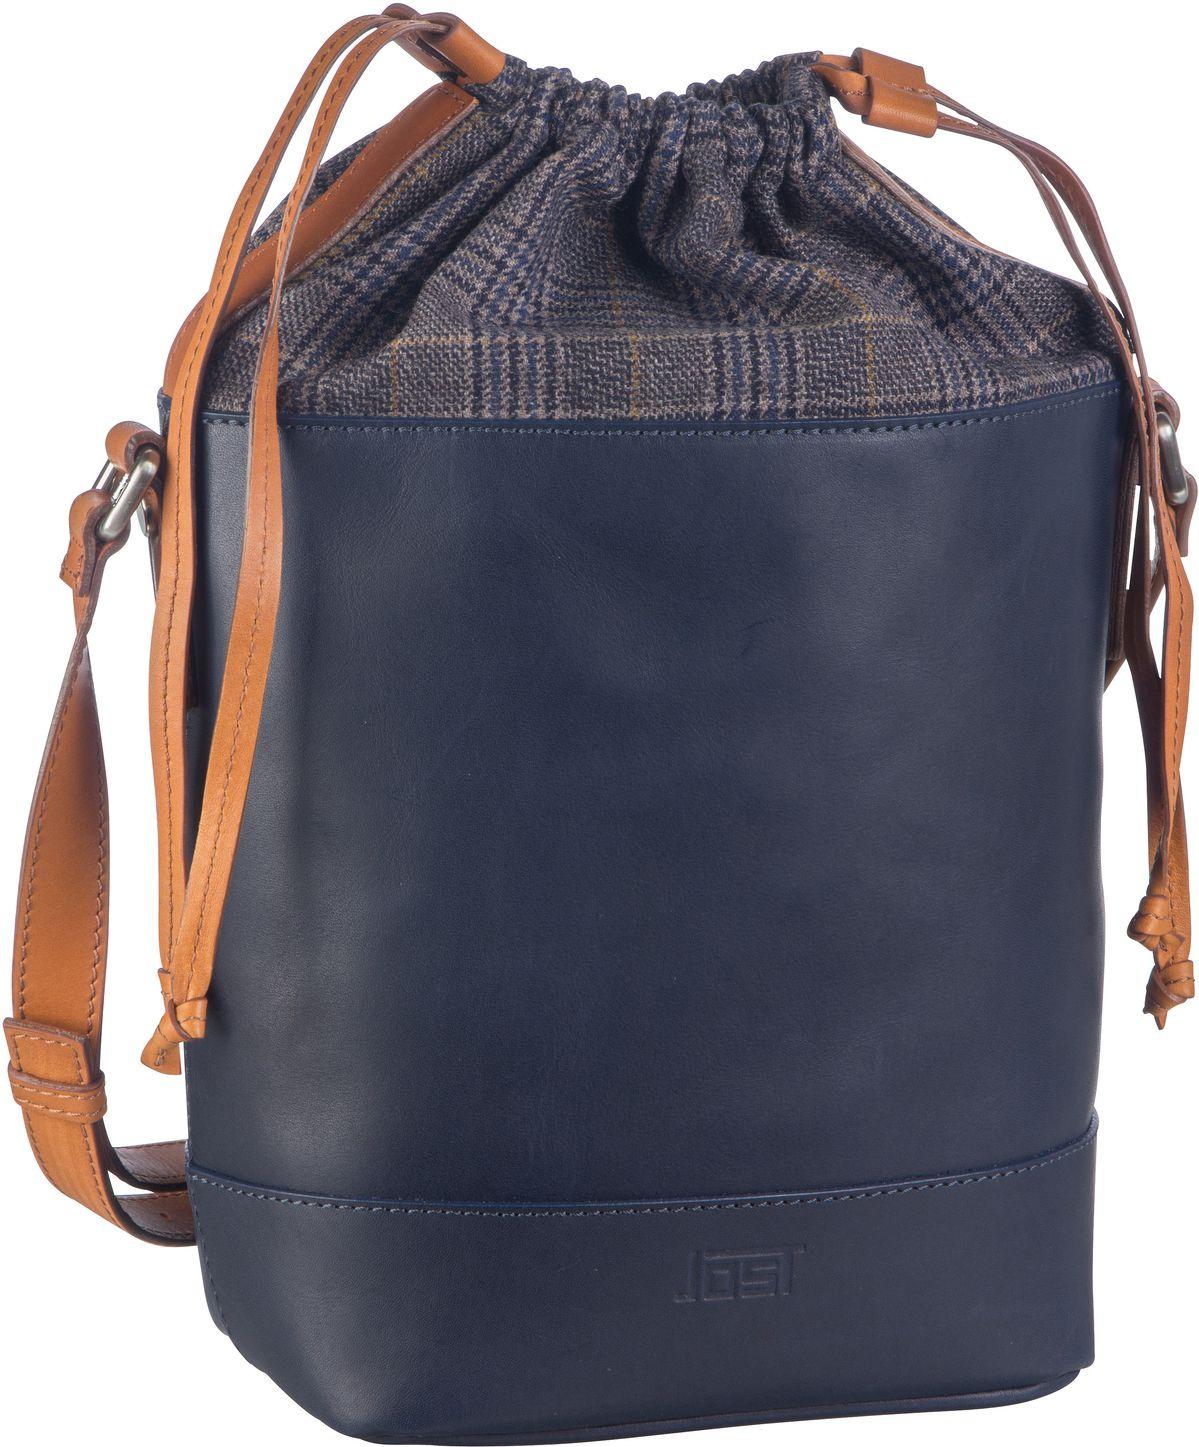 Handtasche Checks 7231 Umhängetasche Grey